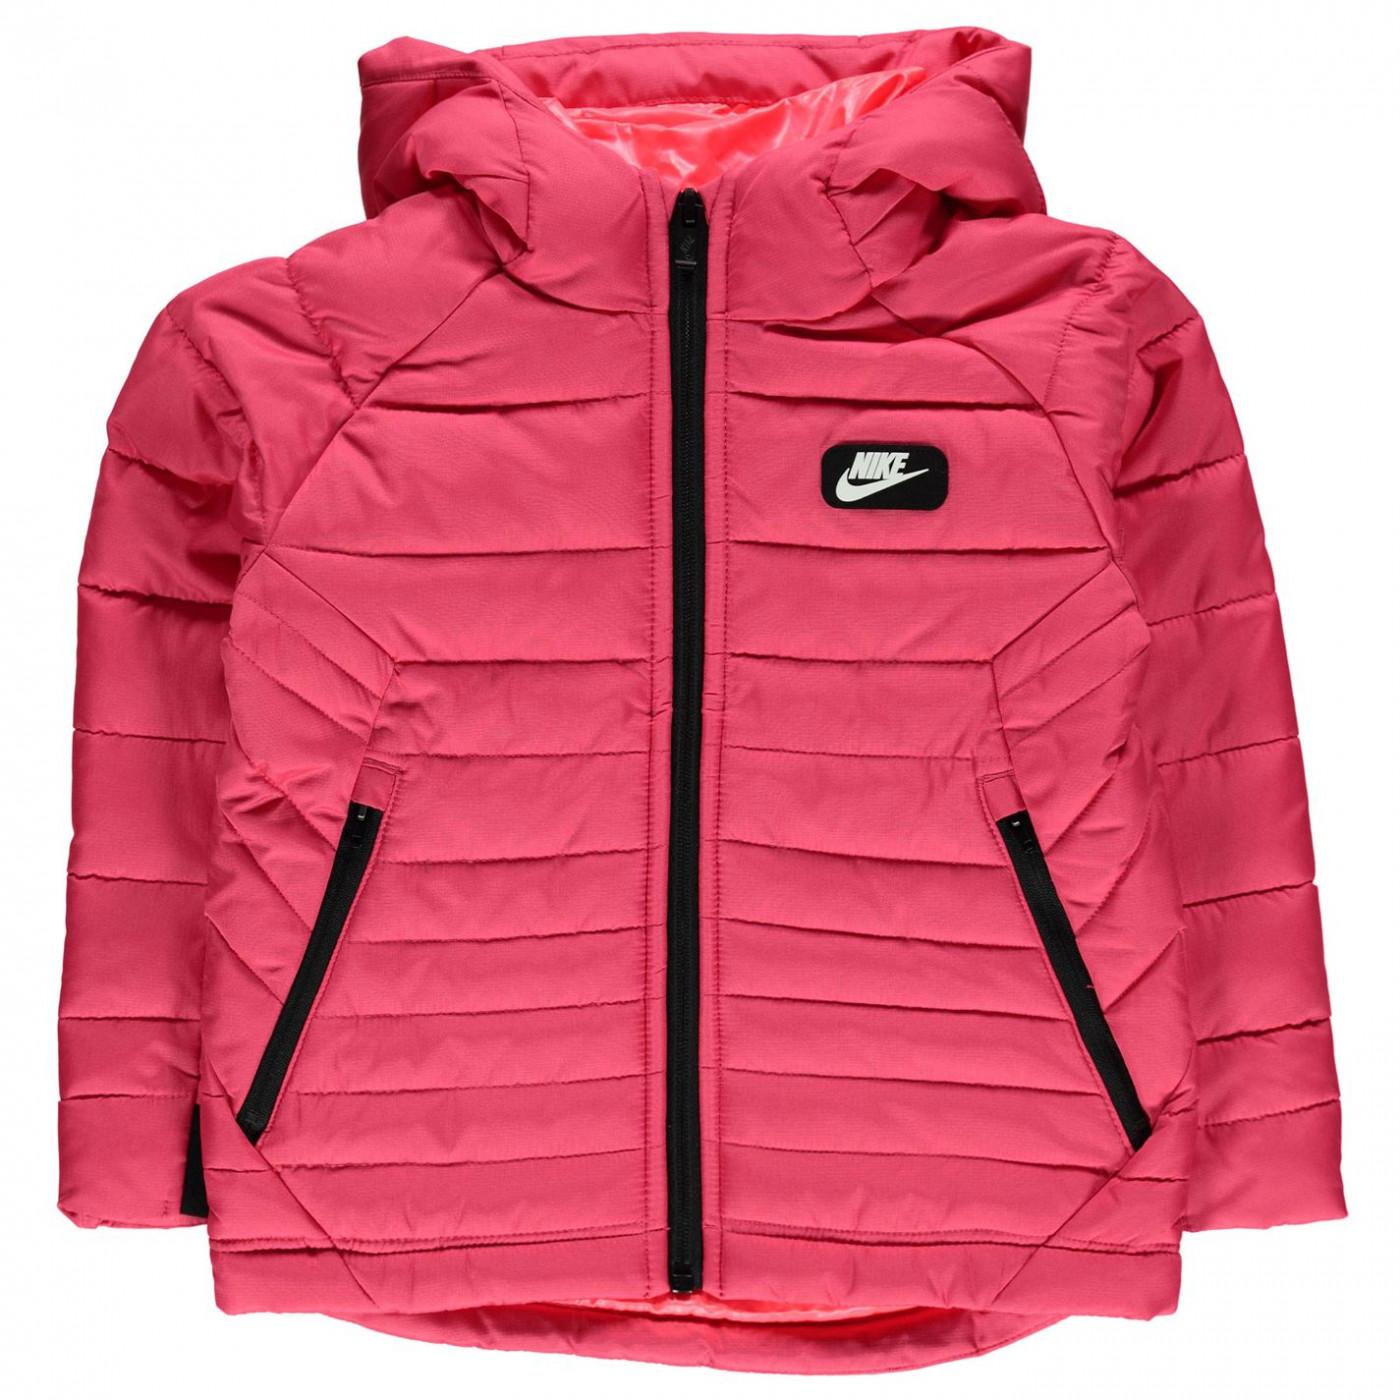 Nike Padded Jacket Child Girls